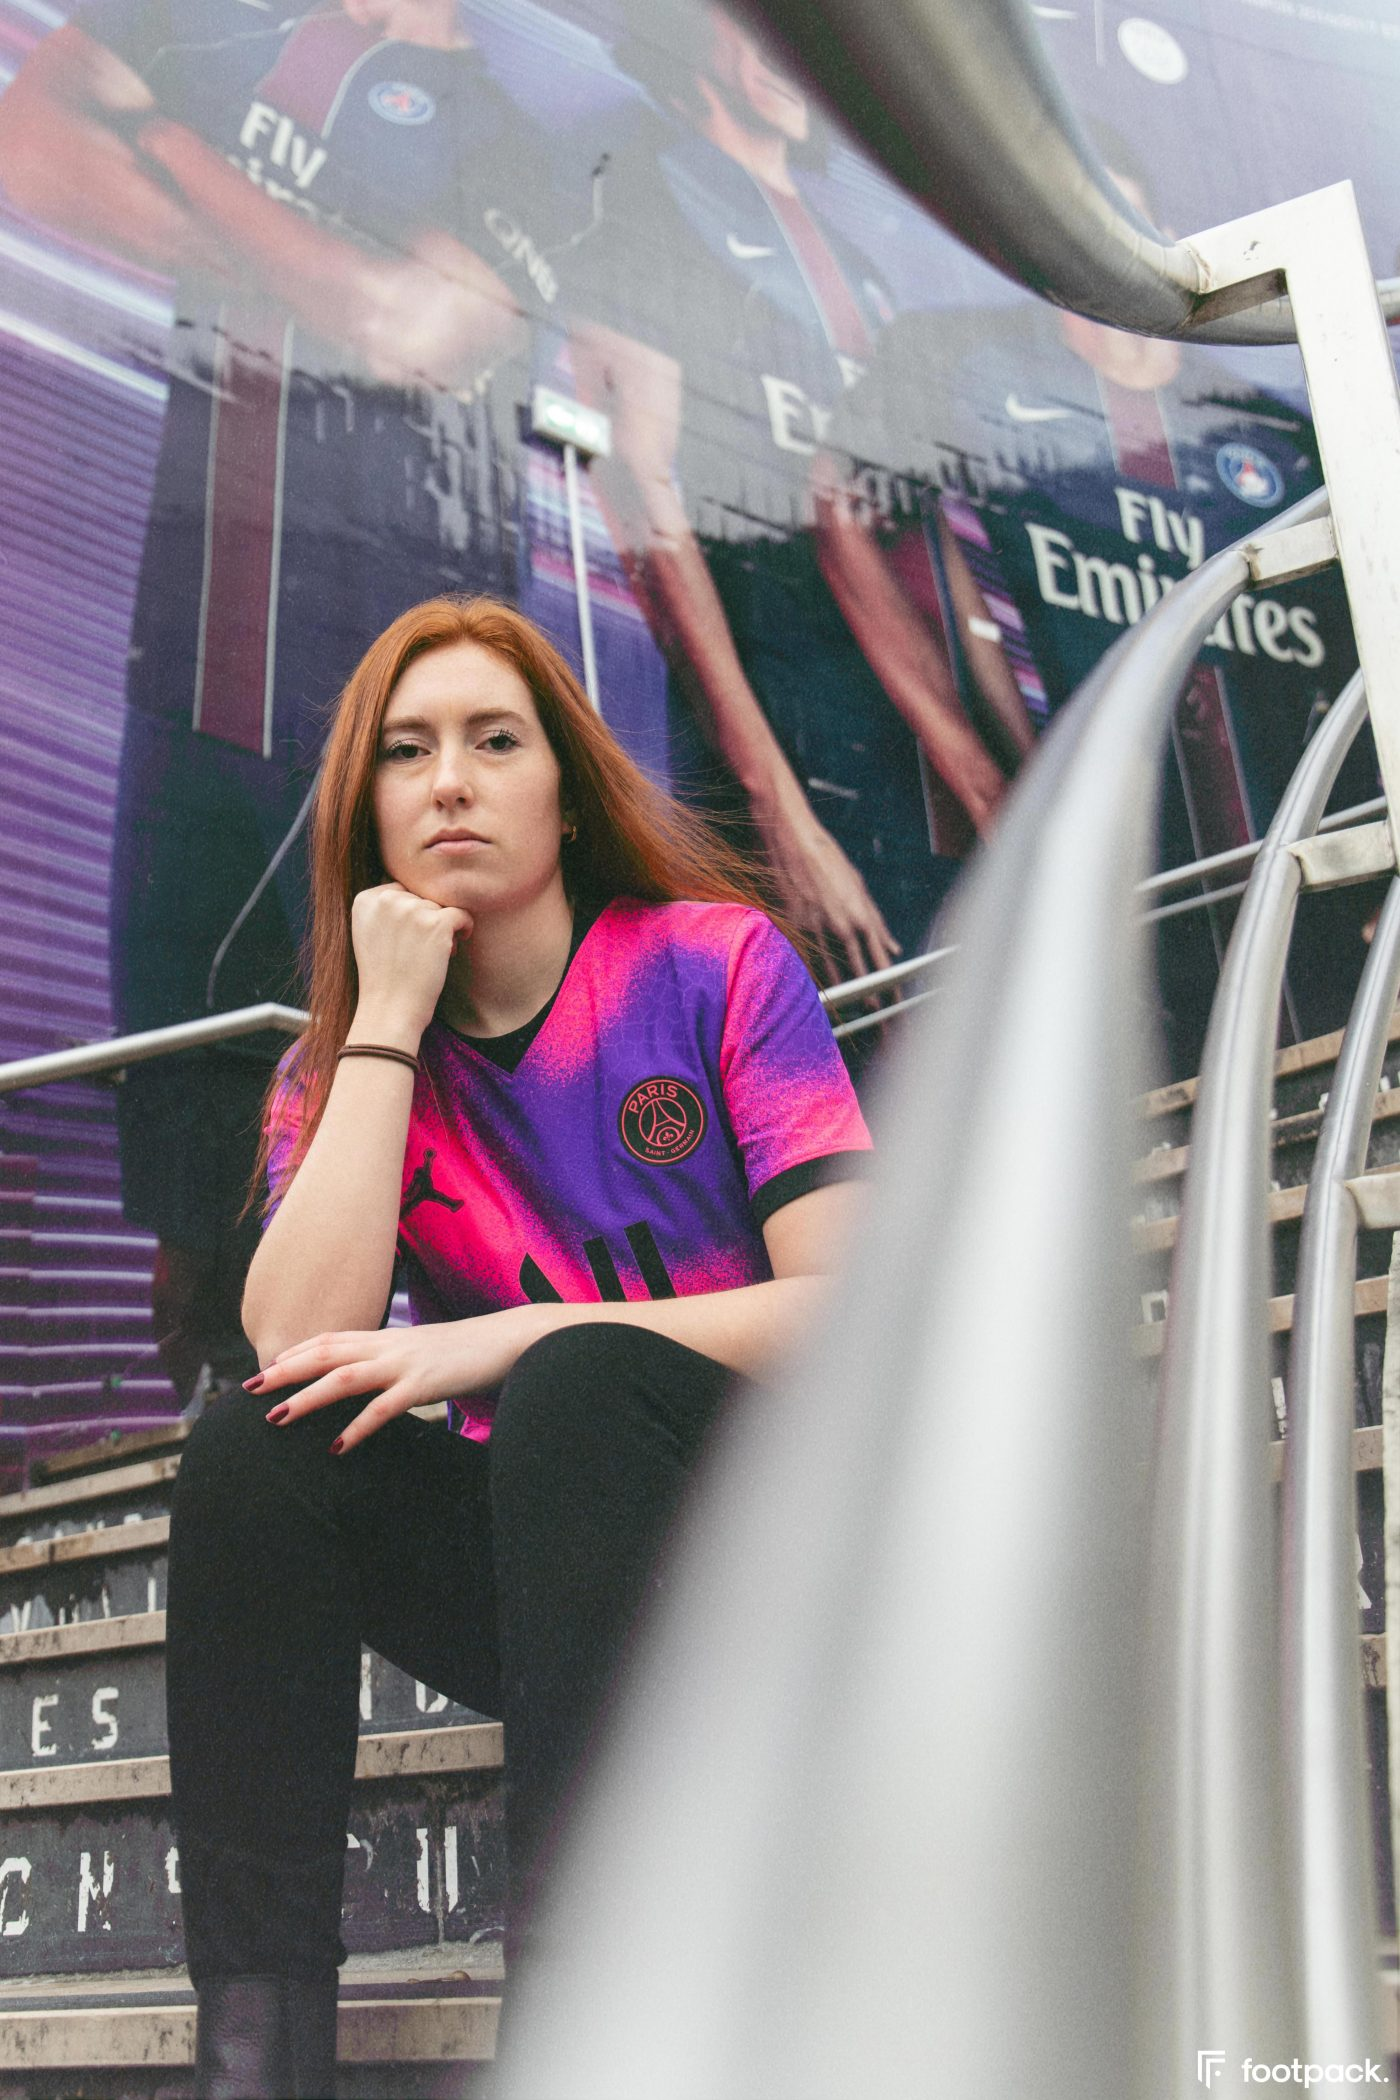 maillot-psg-jordan-rose-violet-2021-footpack-7